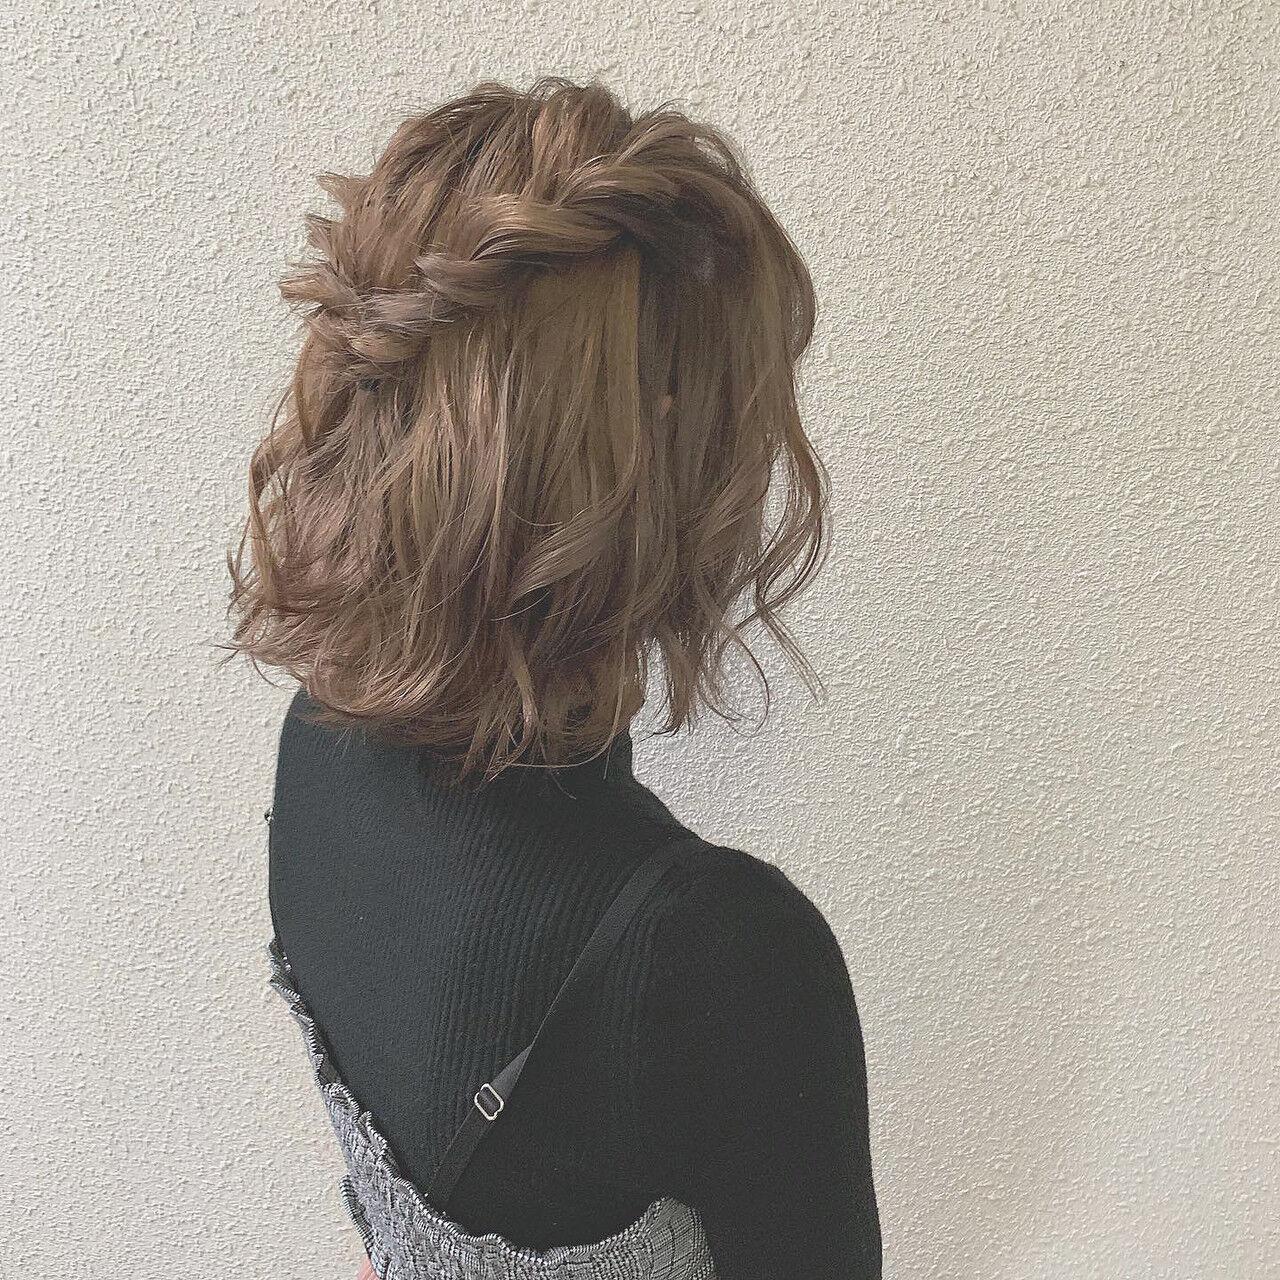 ミルクティーグレージュ ミルクティー ナチュラル 簡単ヘアアレンジヘアスタイルや髪型の写真・画像